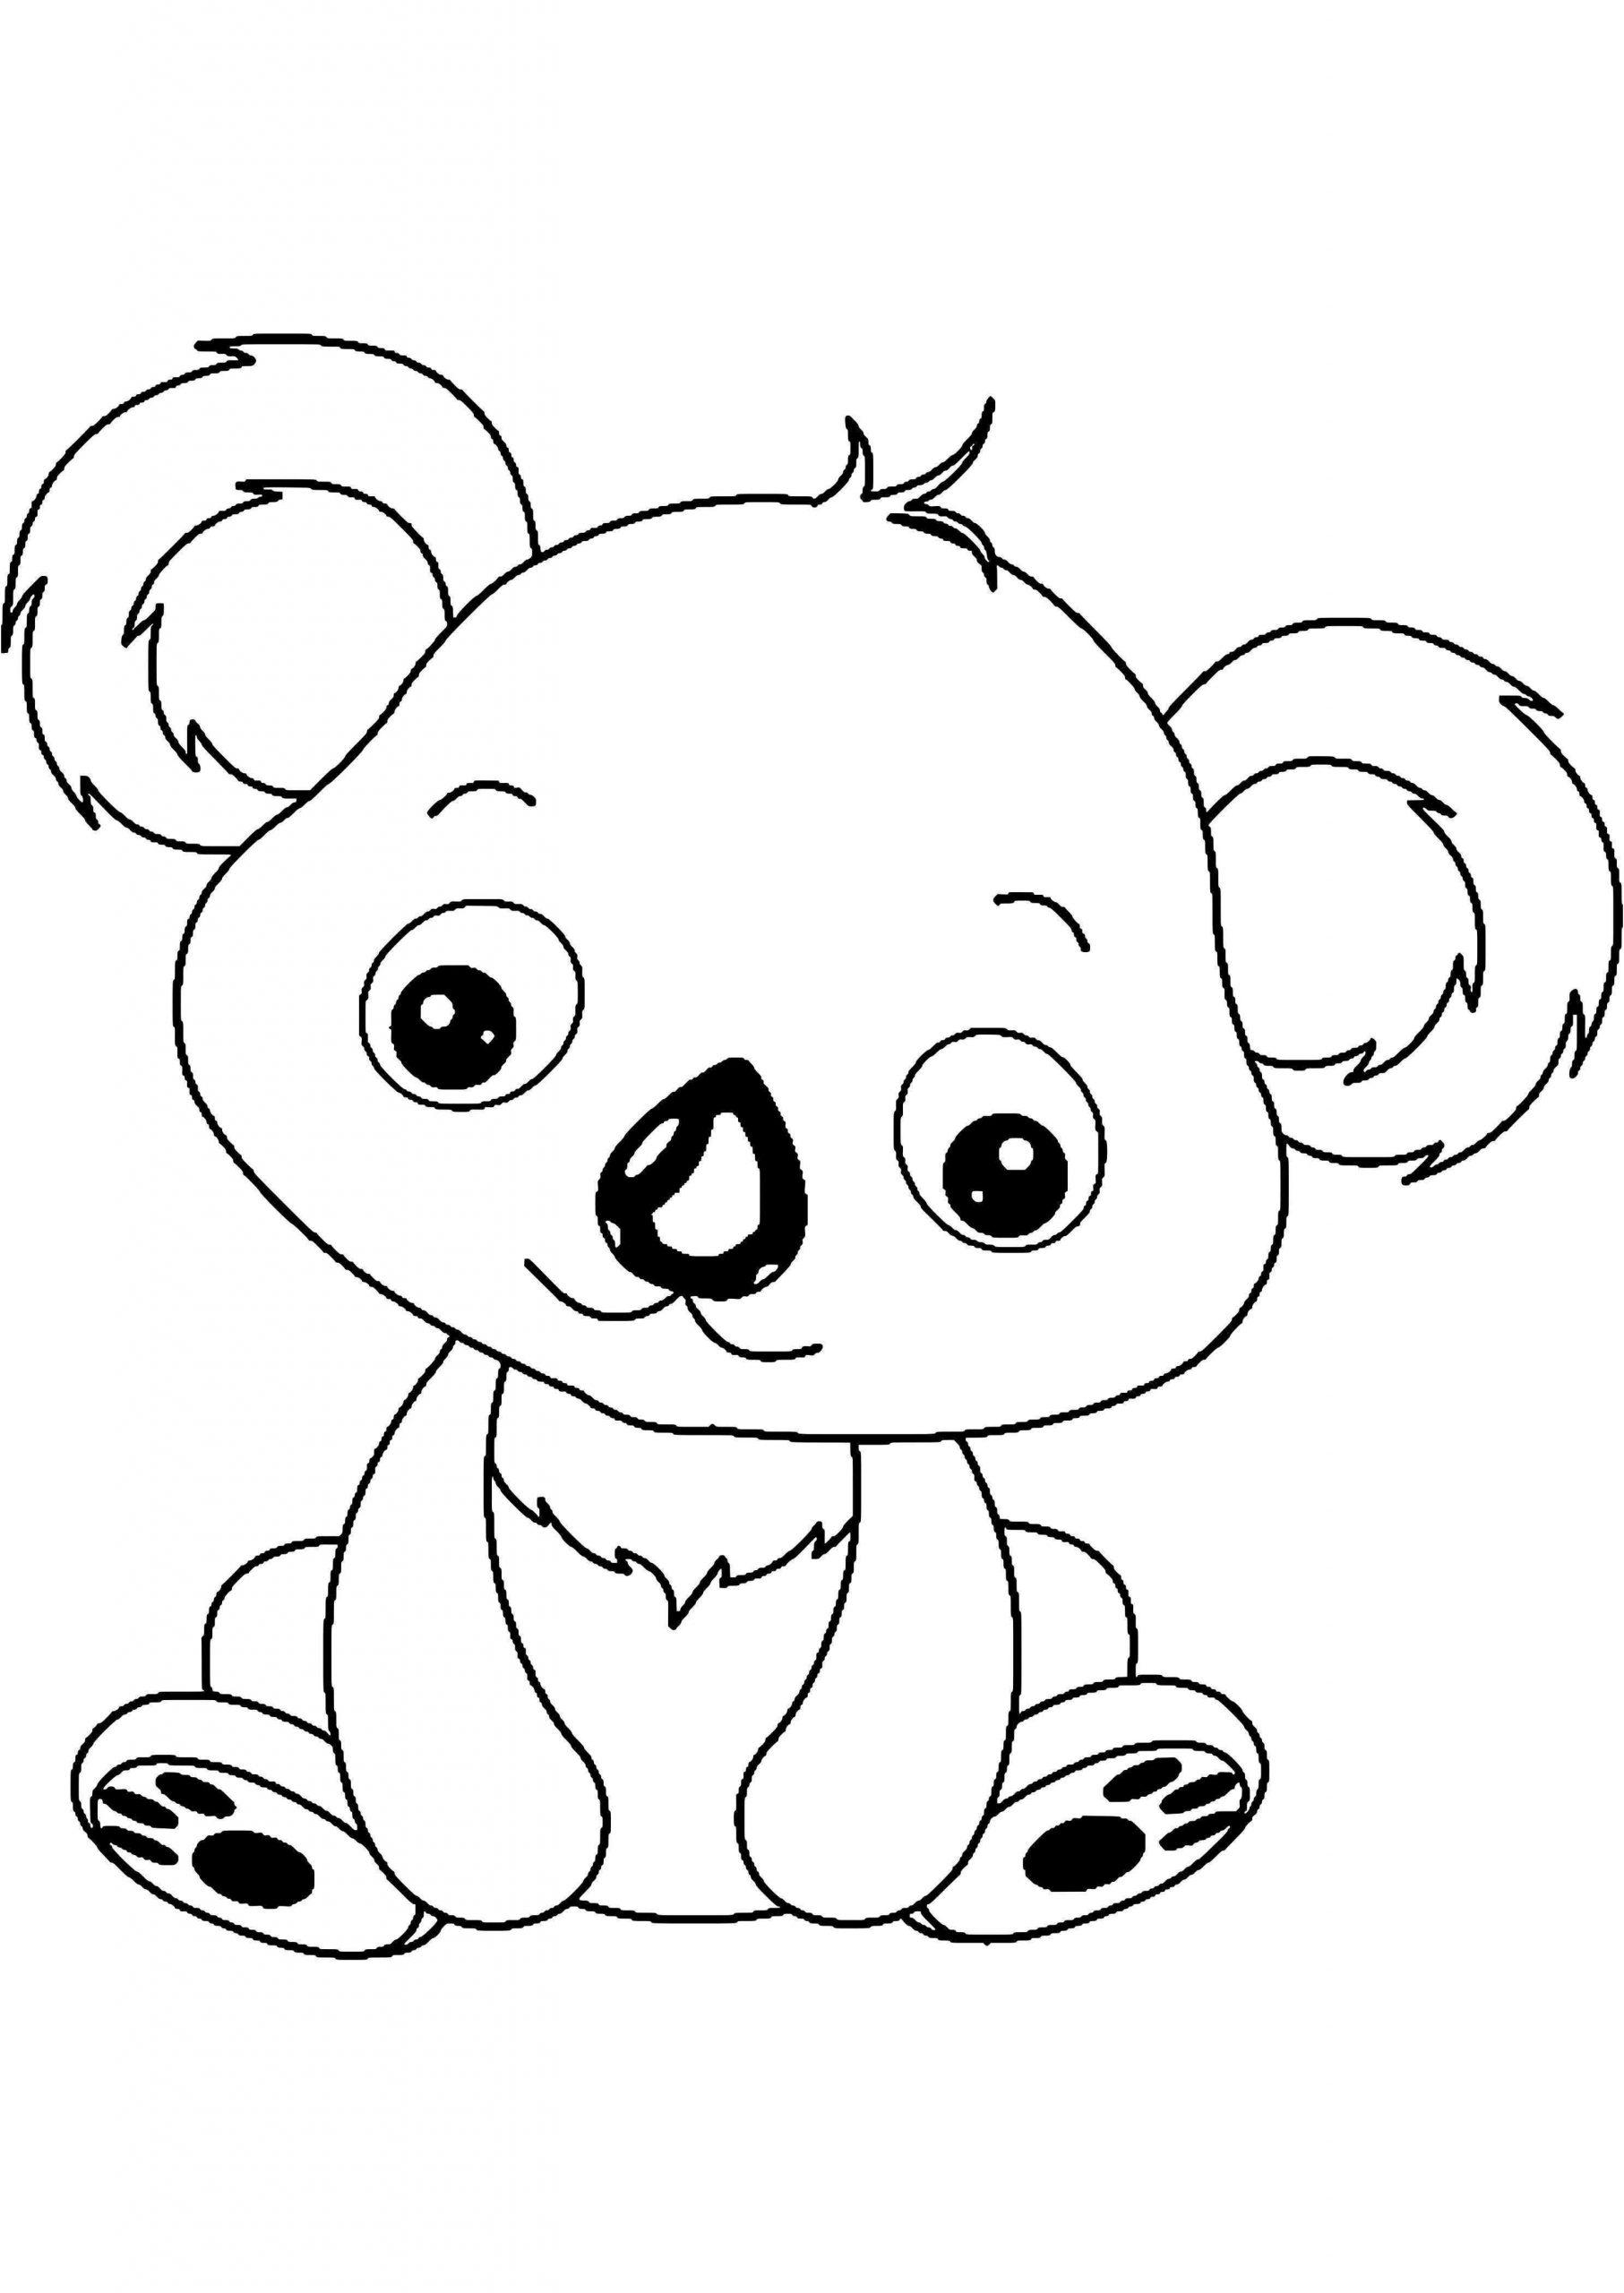 Dessin A Imprimer Sur Hugo L Escargot Di 2020 | Kartun destiné Image D Animaux A Imprimer En Couleur